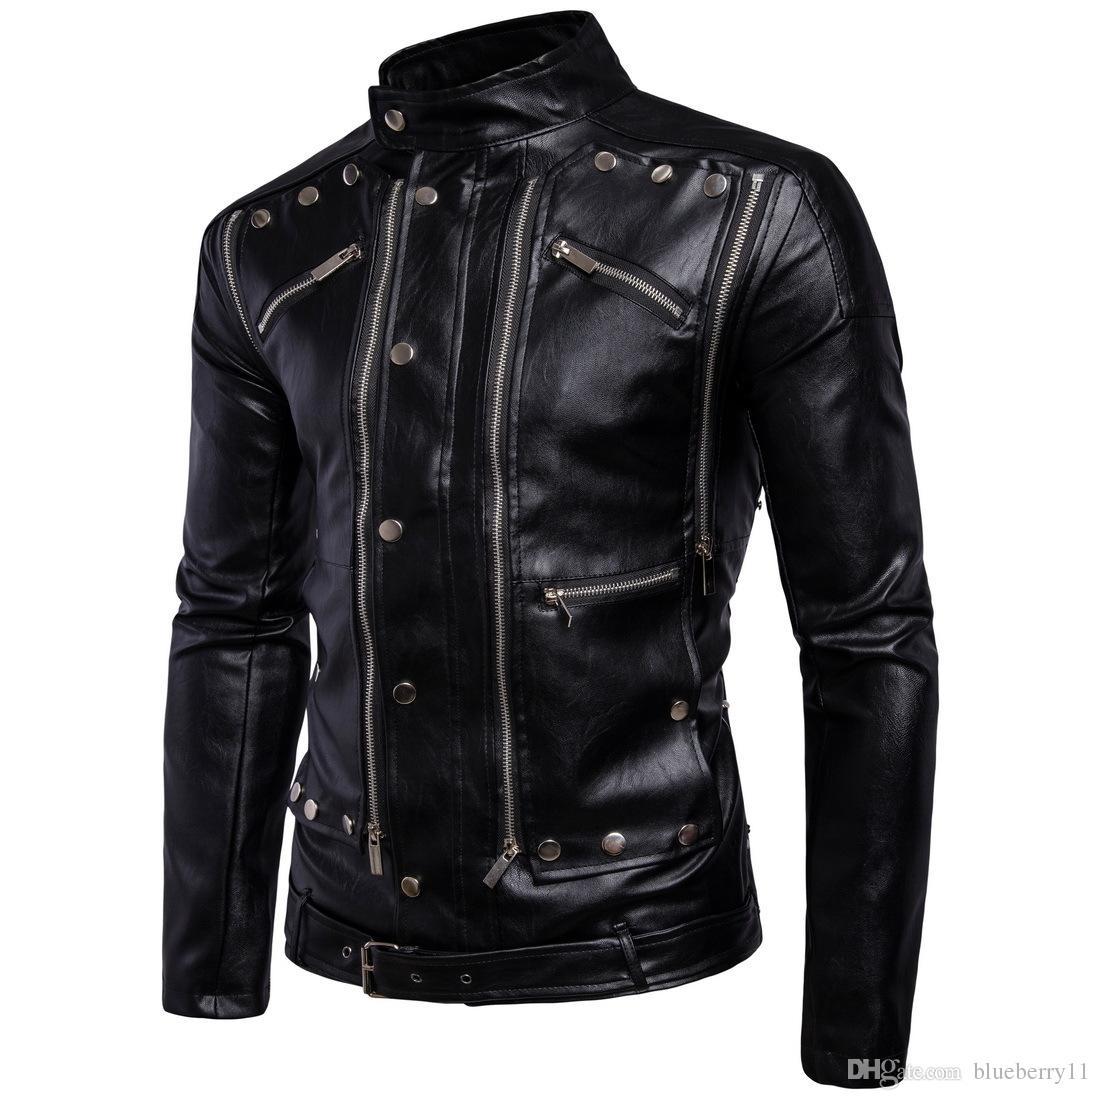 Noir Hiver Glissière Fermeture Cuir 65 Multi Manteaux À Pour Cool Chaud Vêtements Mode Longues Hommes Manches En Du 109 Vestes De Pu Acheter E74PqtwxE